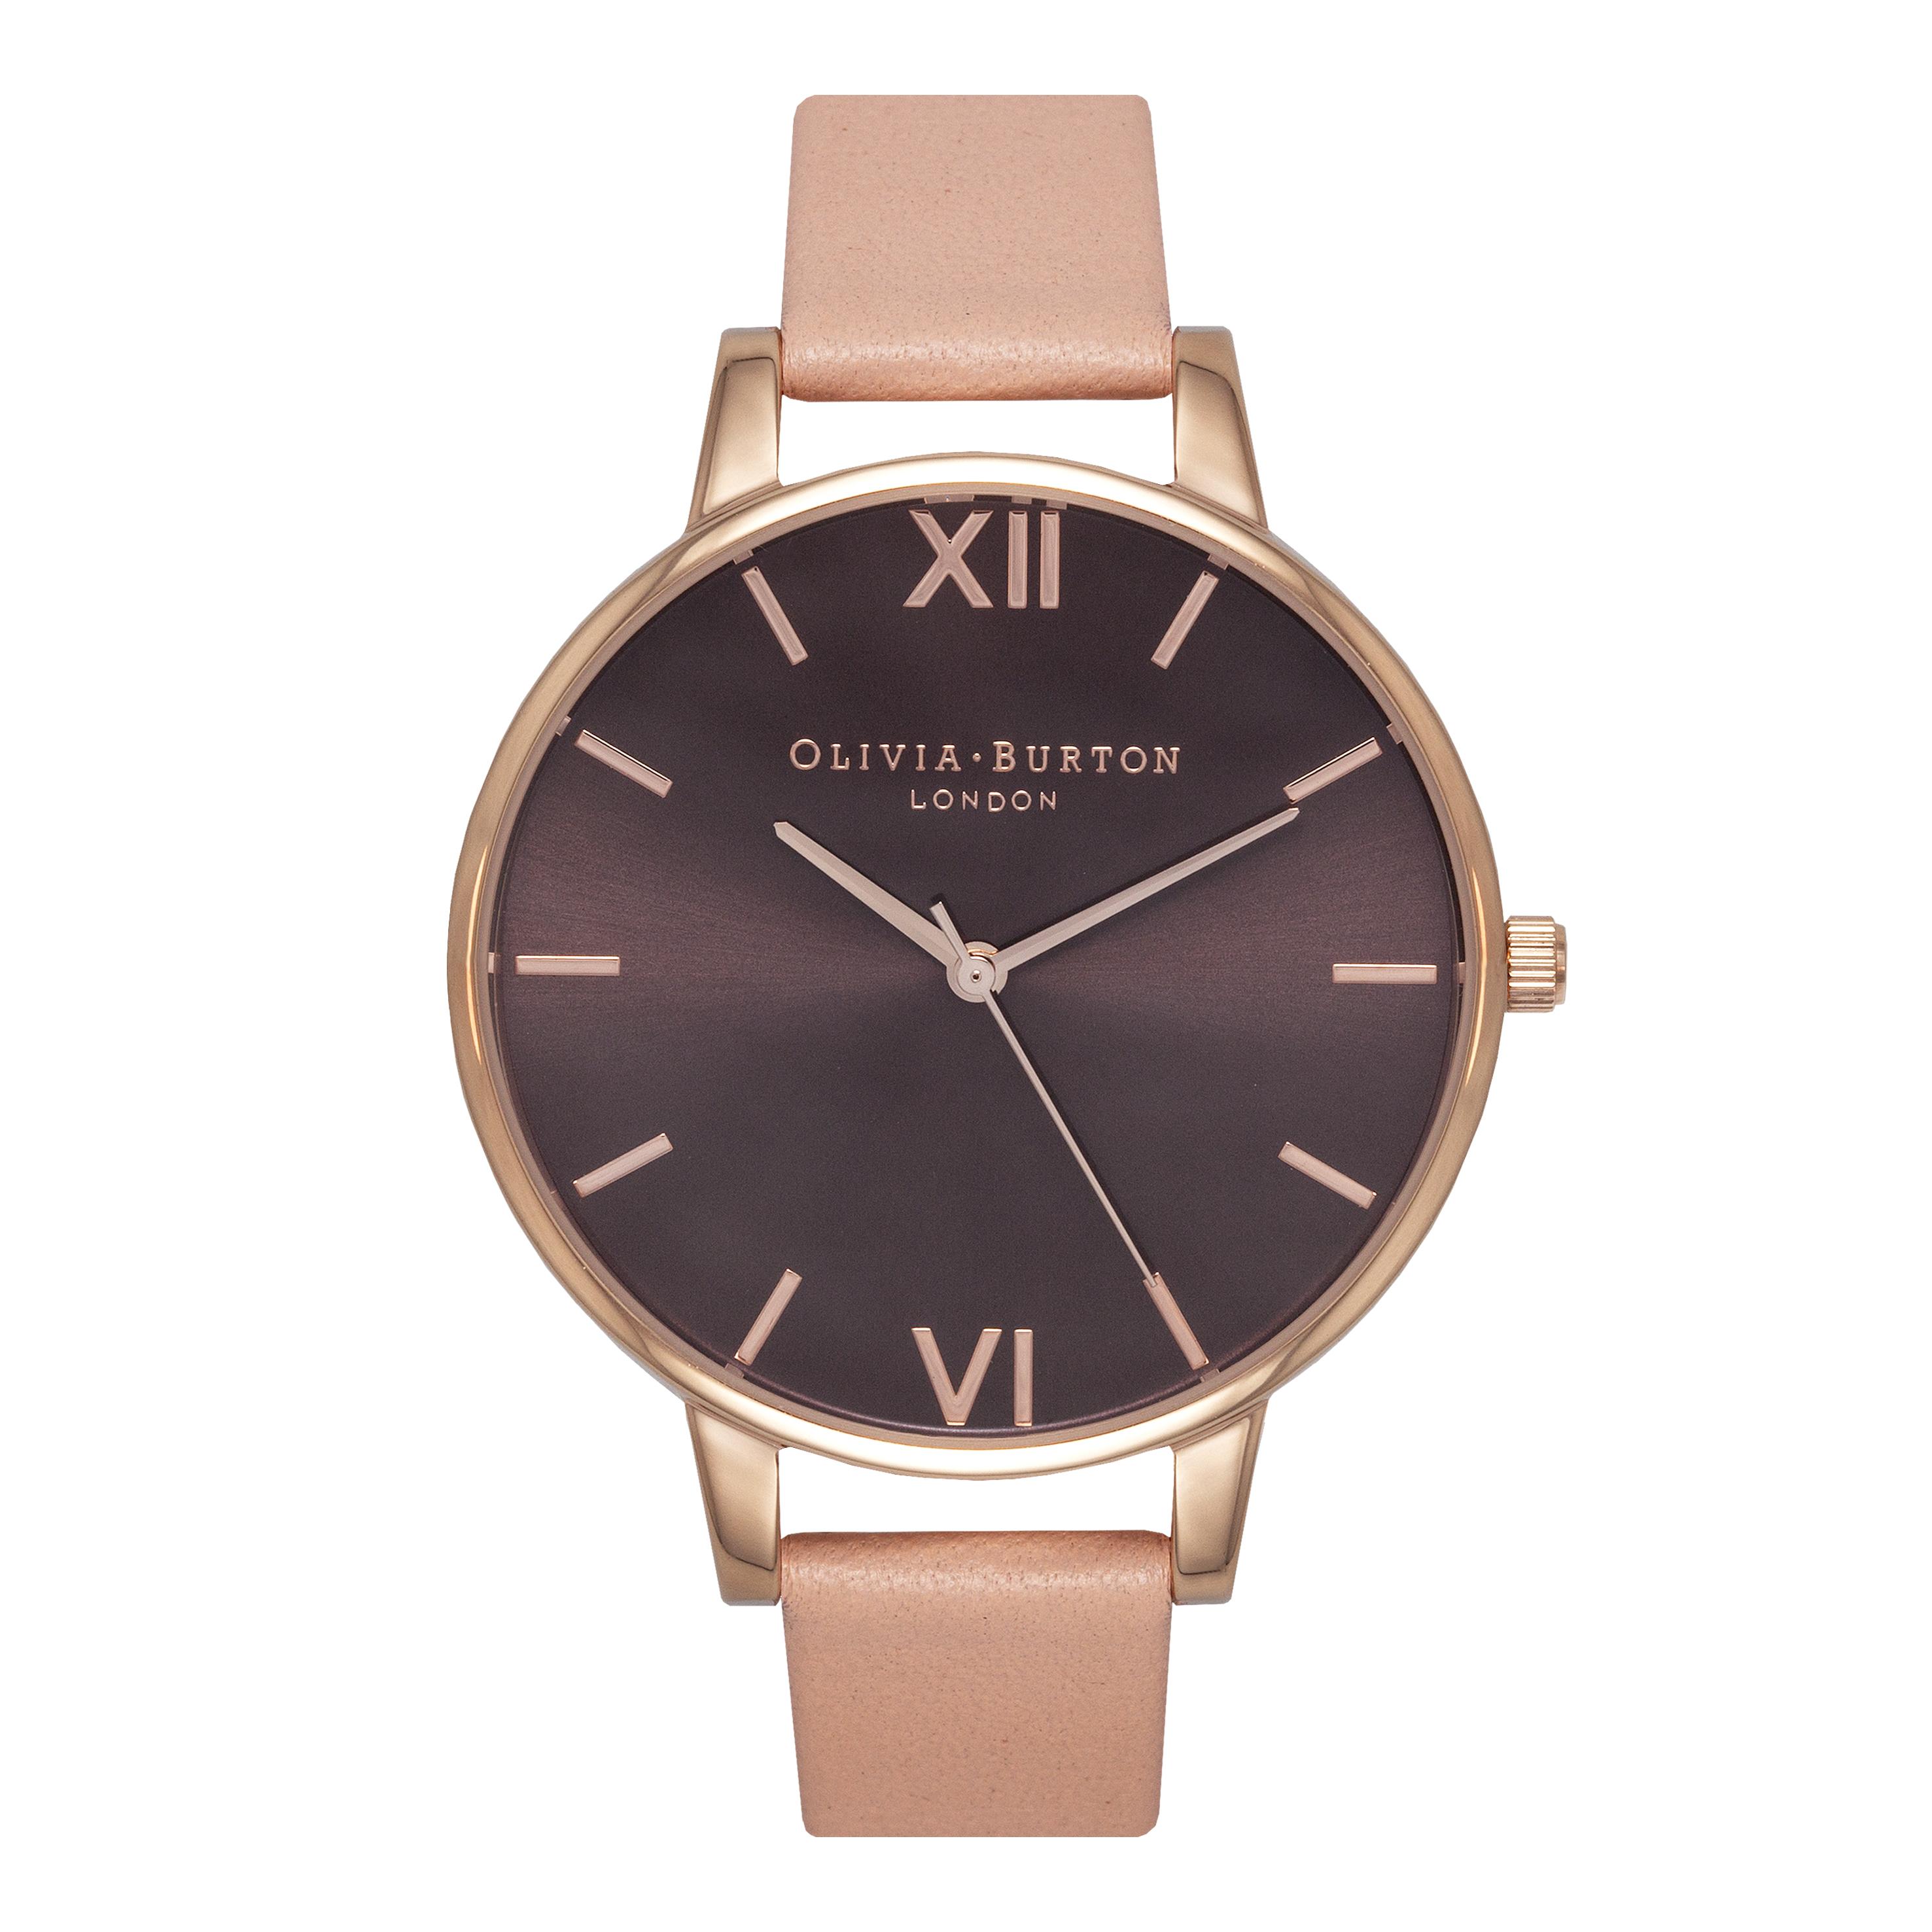 0f0e7901 Nye klokker fra Olivia Burton! – Cerav